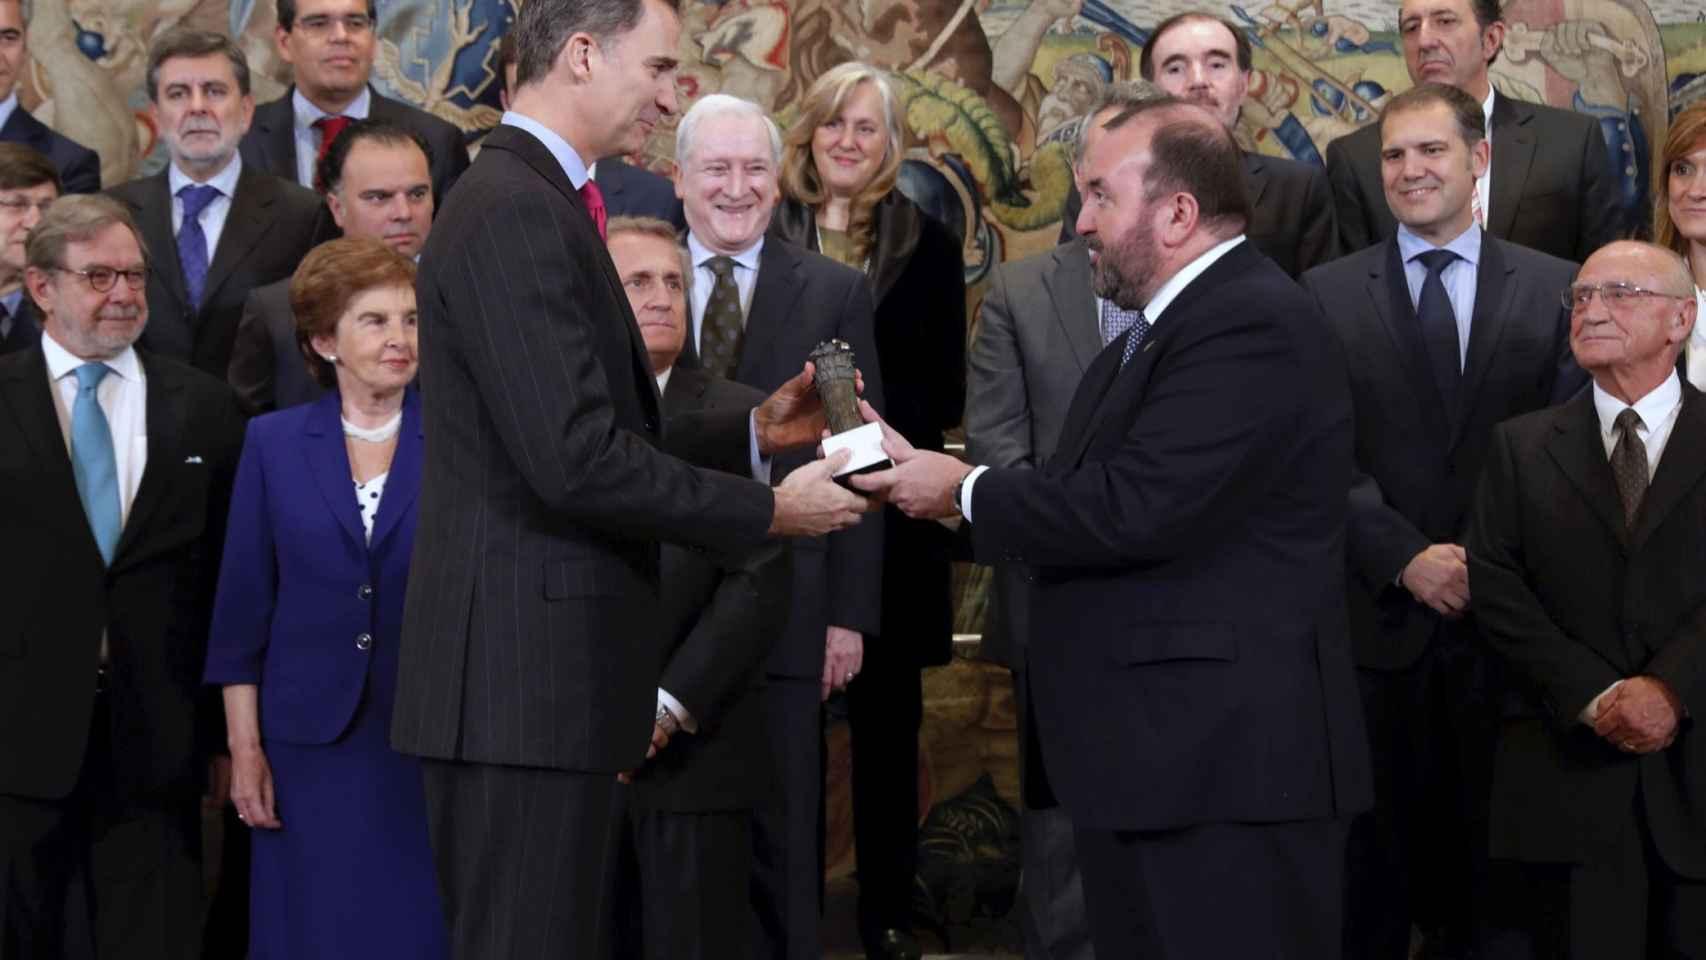 La recepción de Felipe VI, este miércoles.